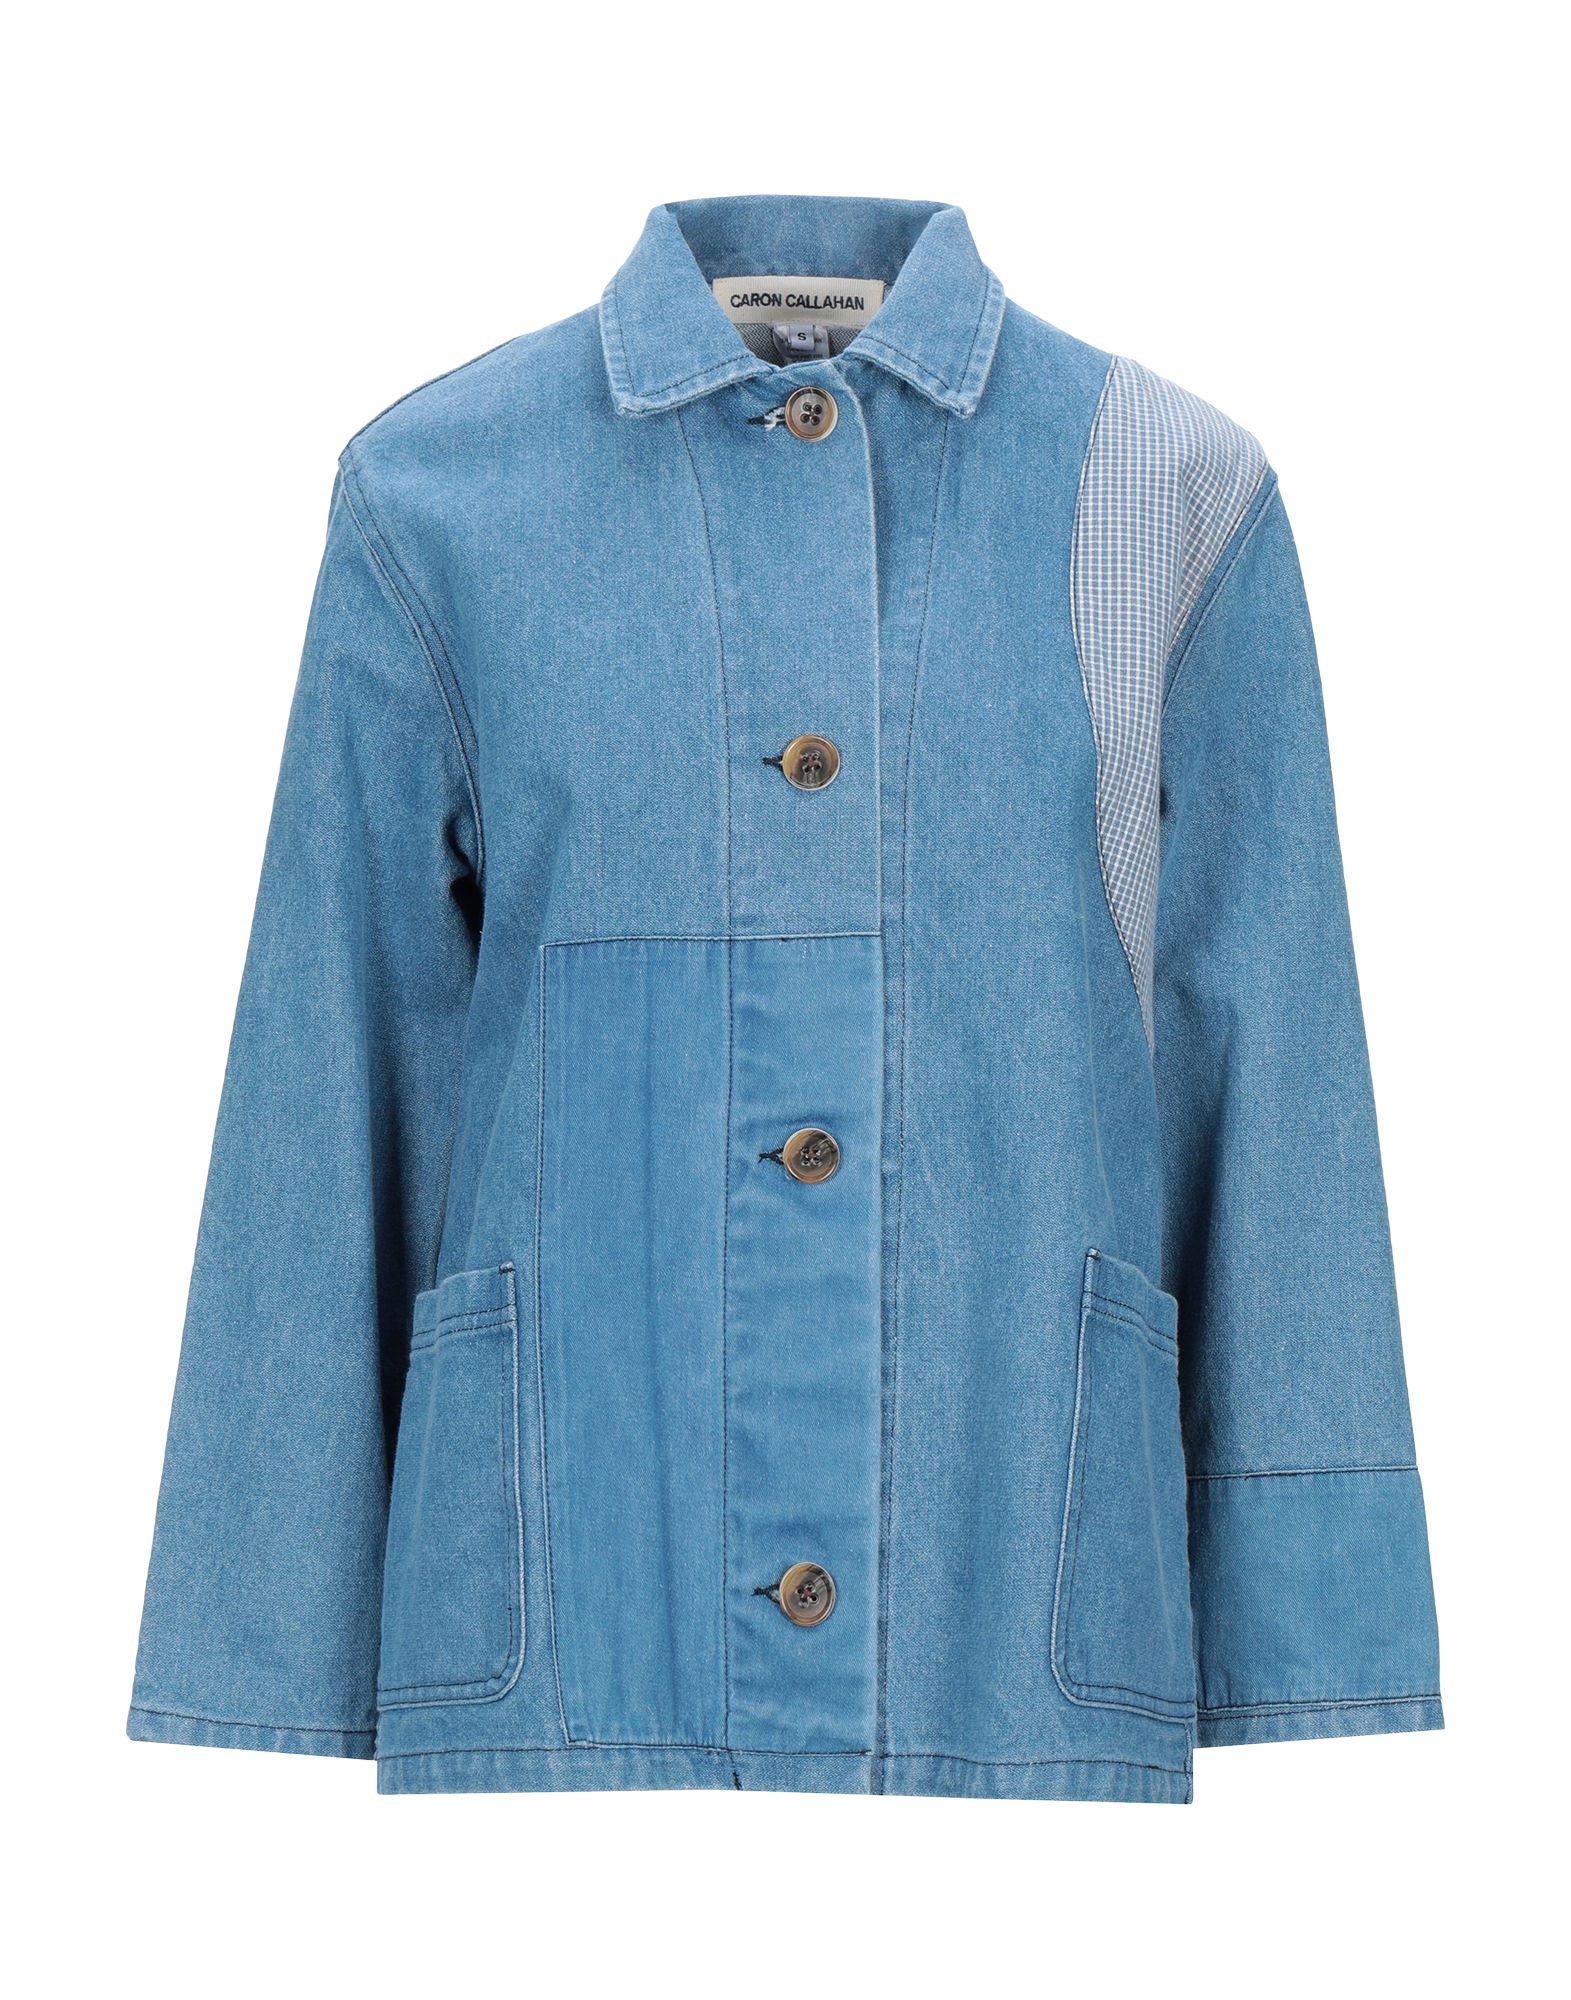 Фото - CARON CALLAHAN Джинсовая верхняя одежда wesc джинсовая верхняя одежда